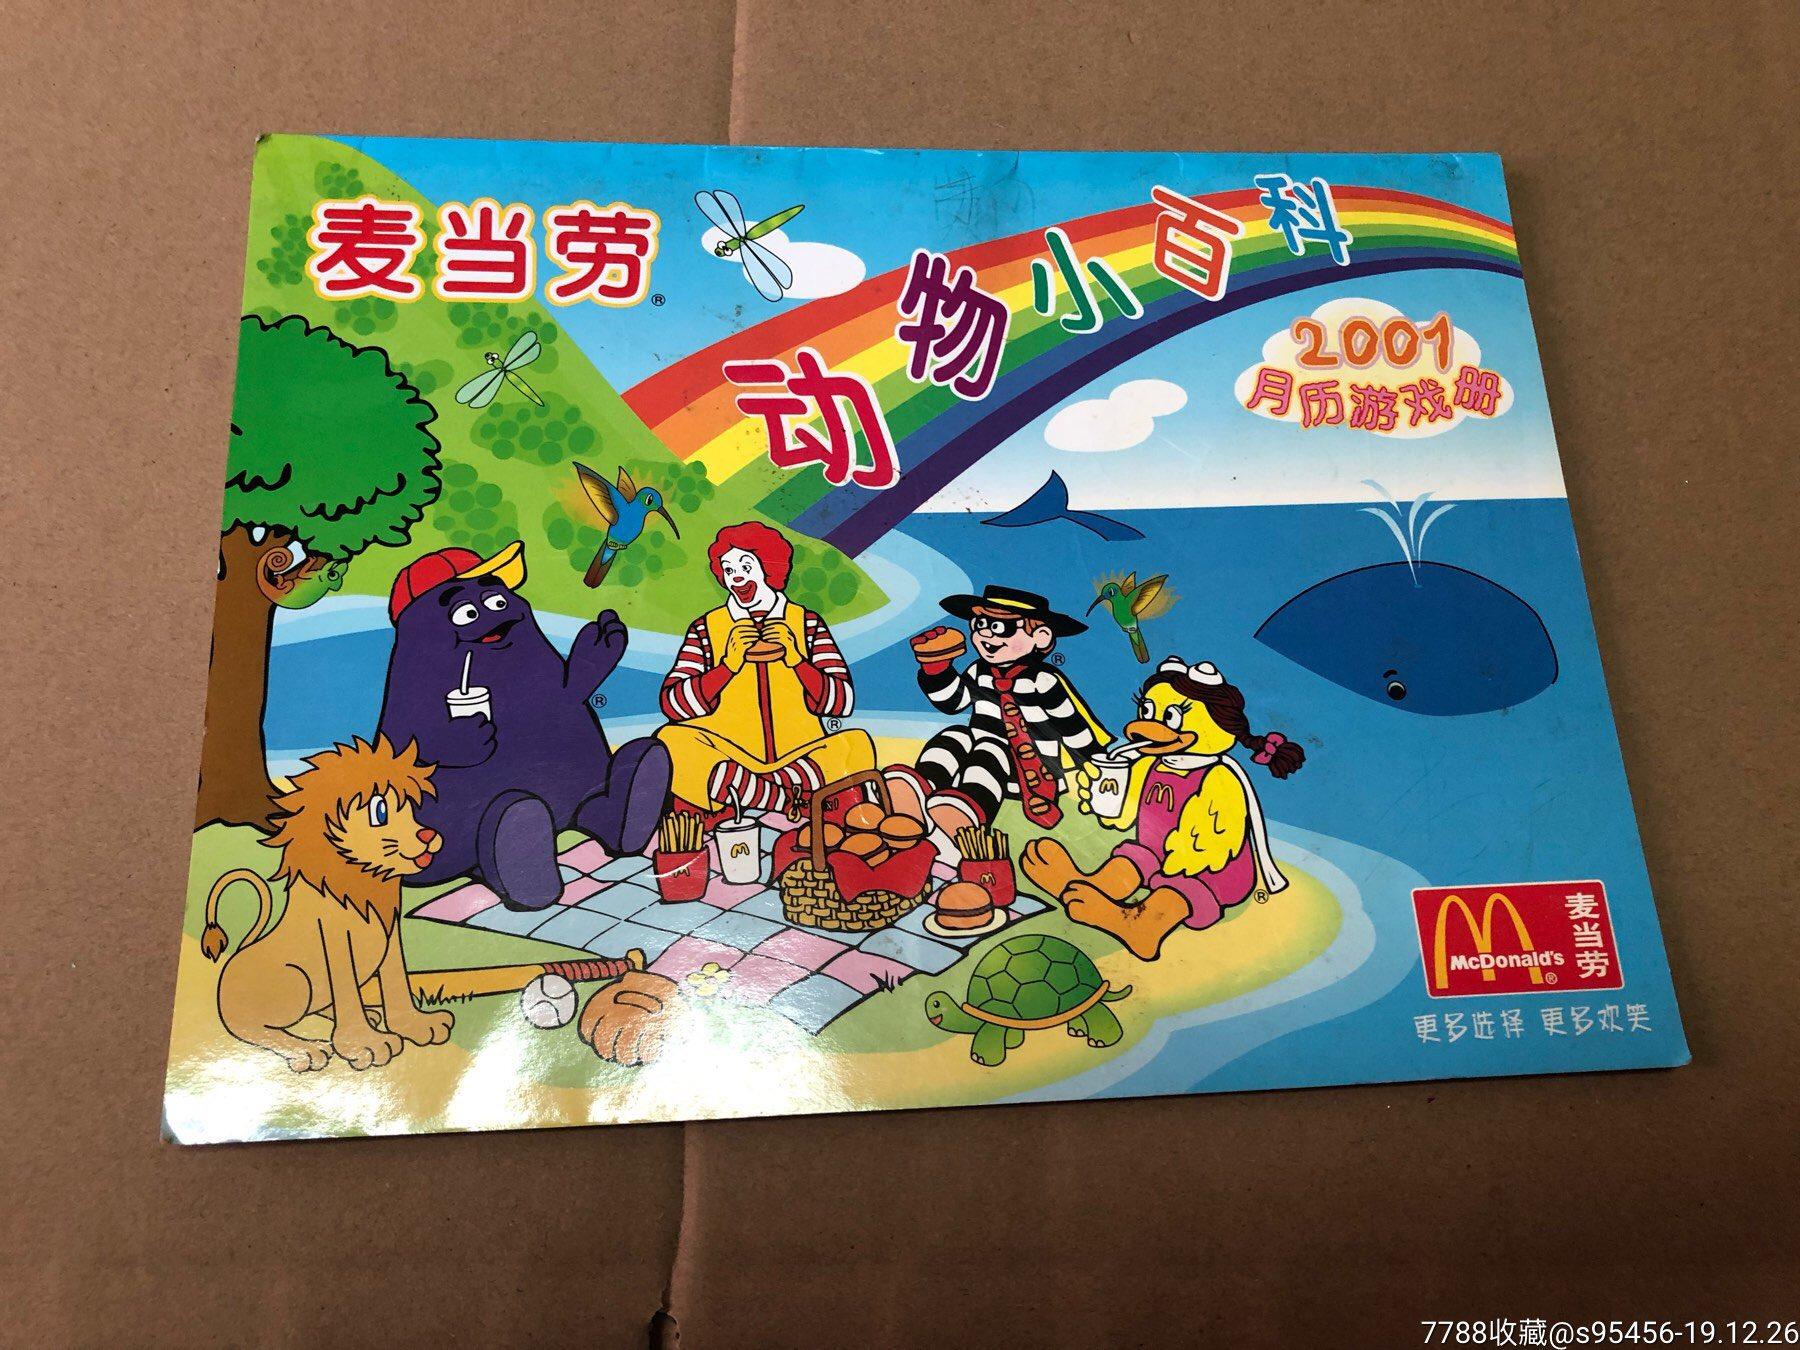 2001麦当劳四小福月历游戏册一套(au21995707)_